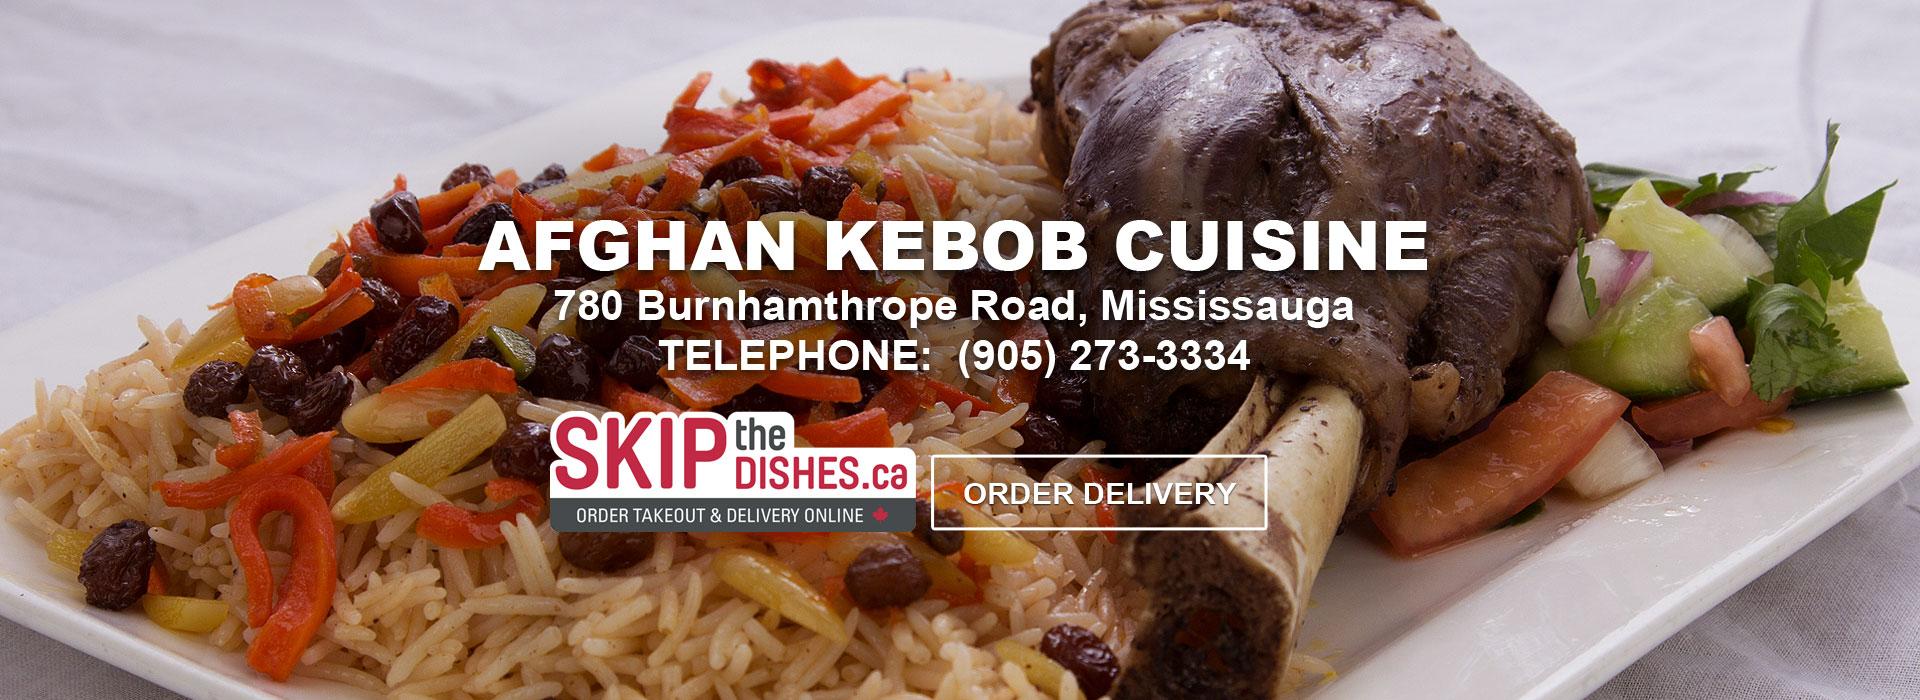 Afghan kebob cuisine afghan kebob mississauga for Afghan kebob cuisine